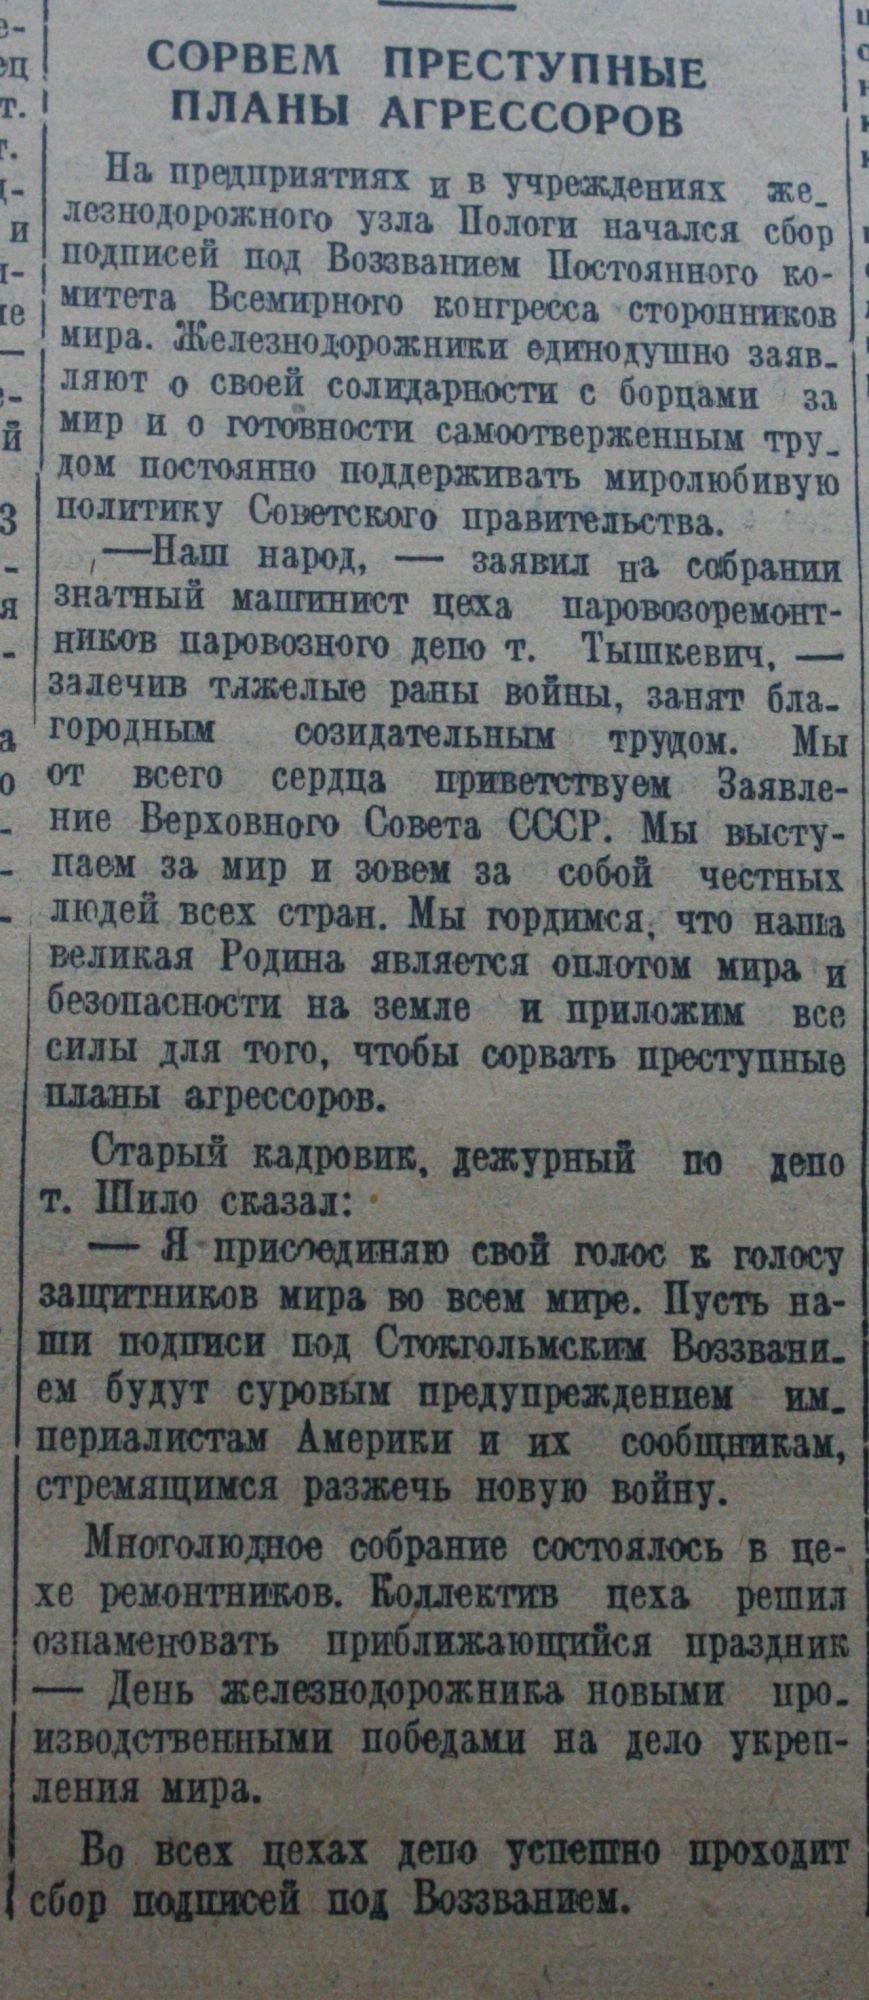 Пресса прошлых лет: запорожцы «защищают» русский язык, поступают в «универ Поплавского» и прощаются с засильем киосков, фото-1